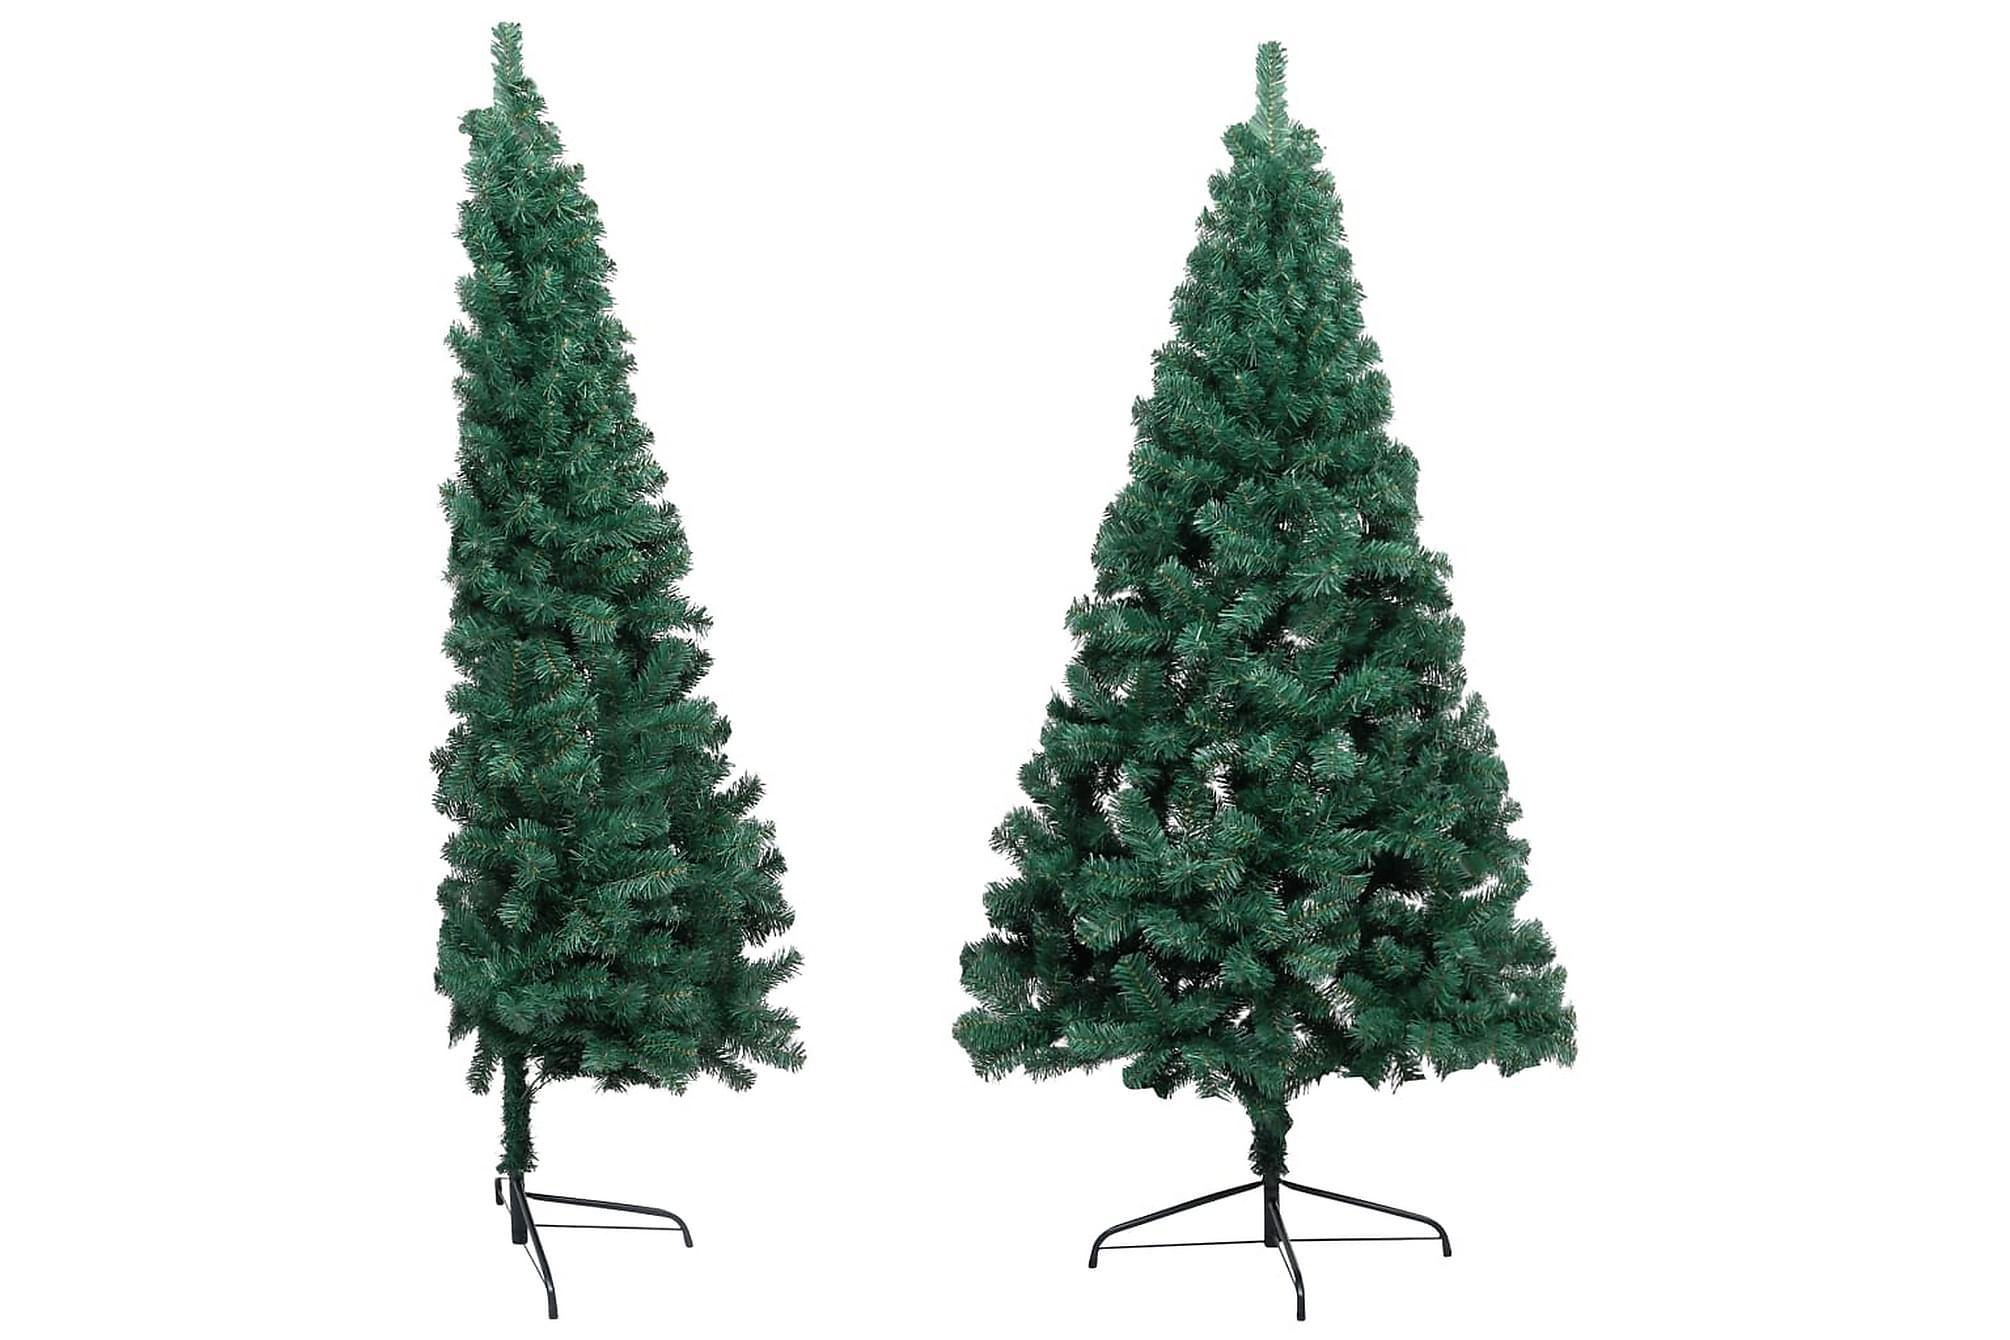 Halv plastgran med fot grön 210 cm PVC, Julpynt & juldekoration